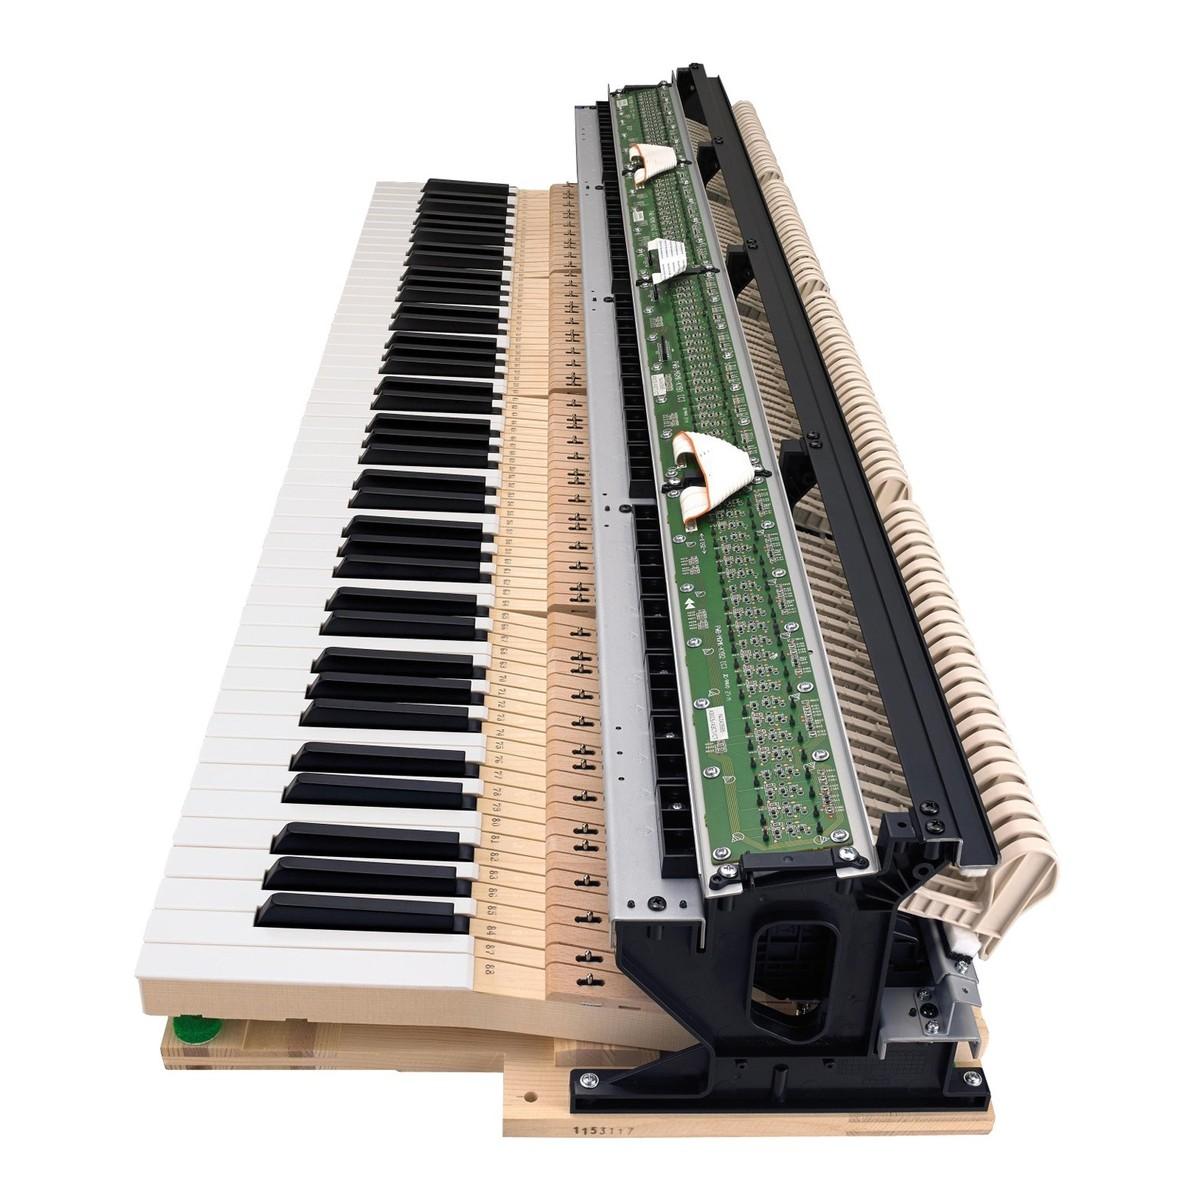 Keyboard Cross Section.jpg